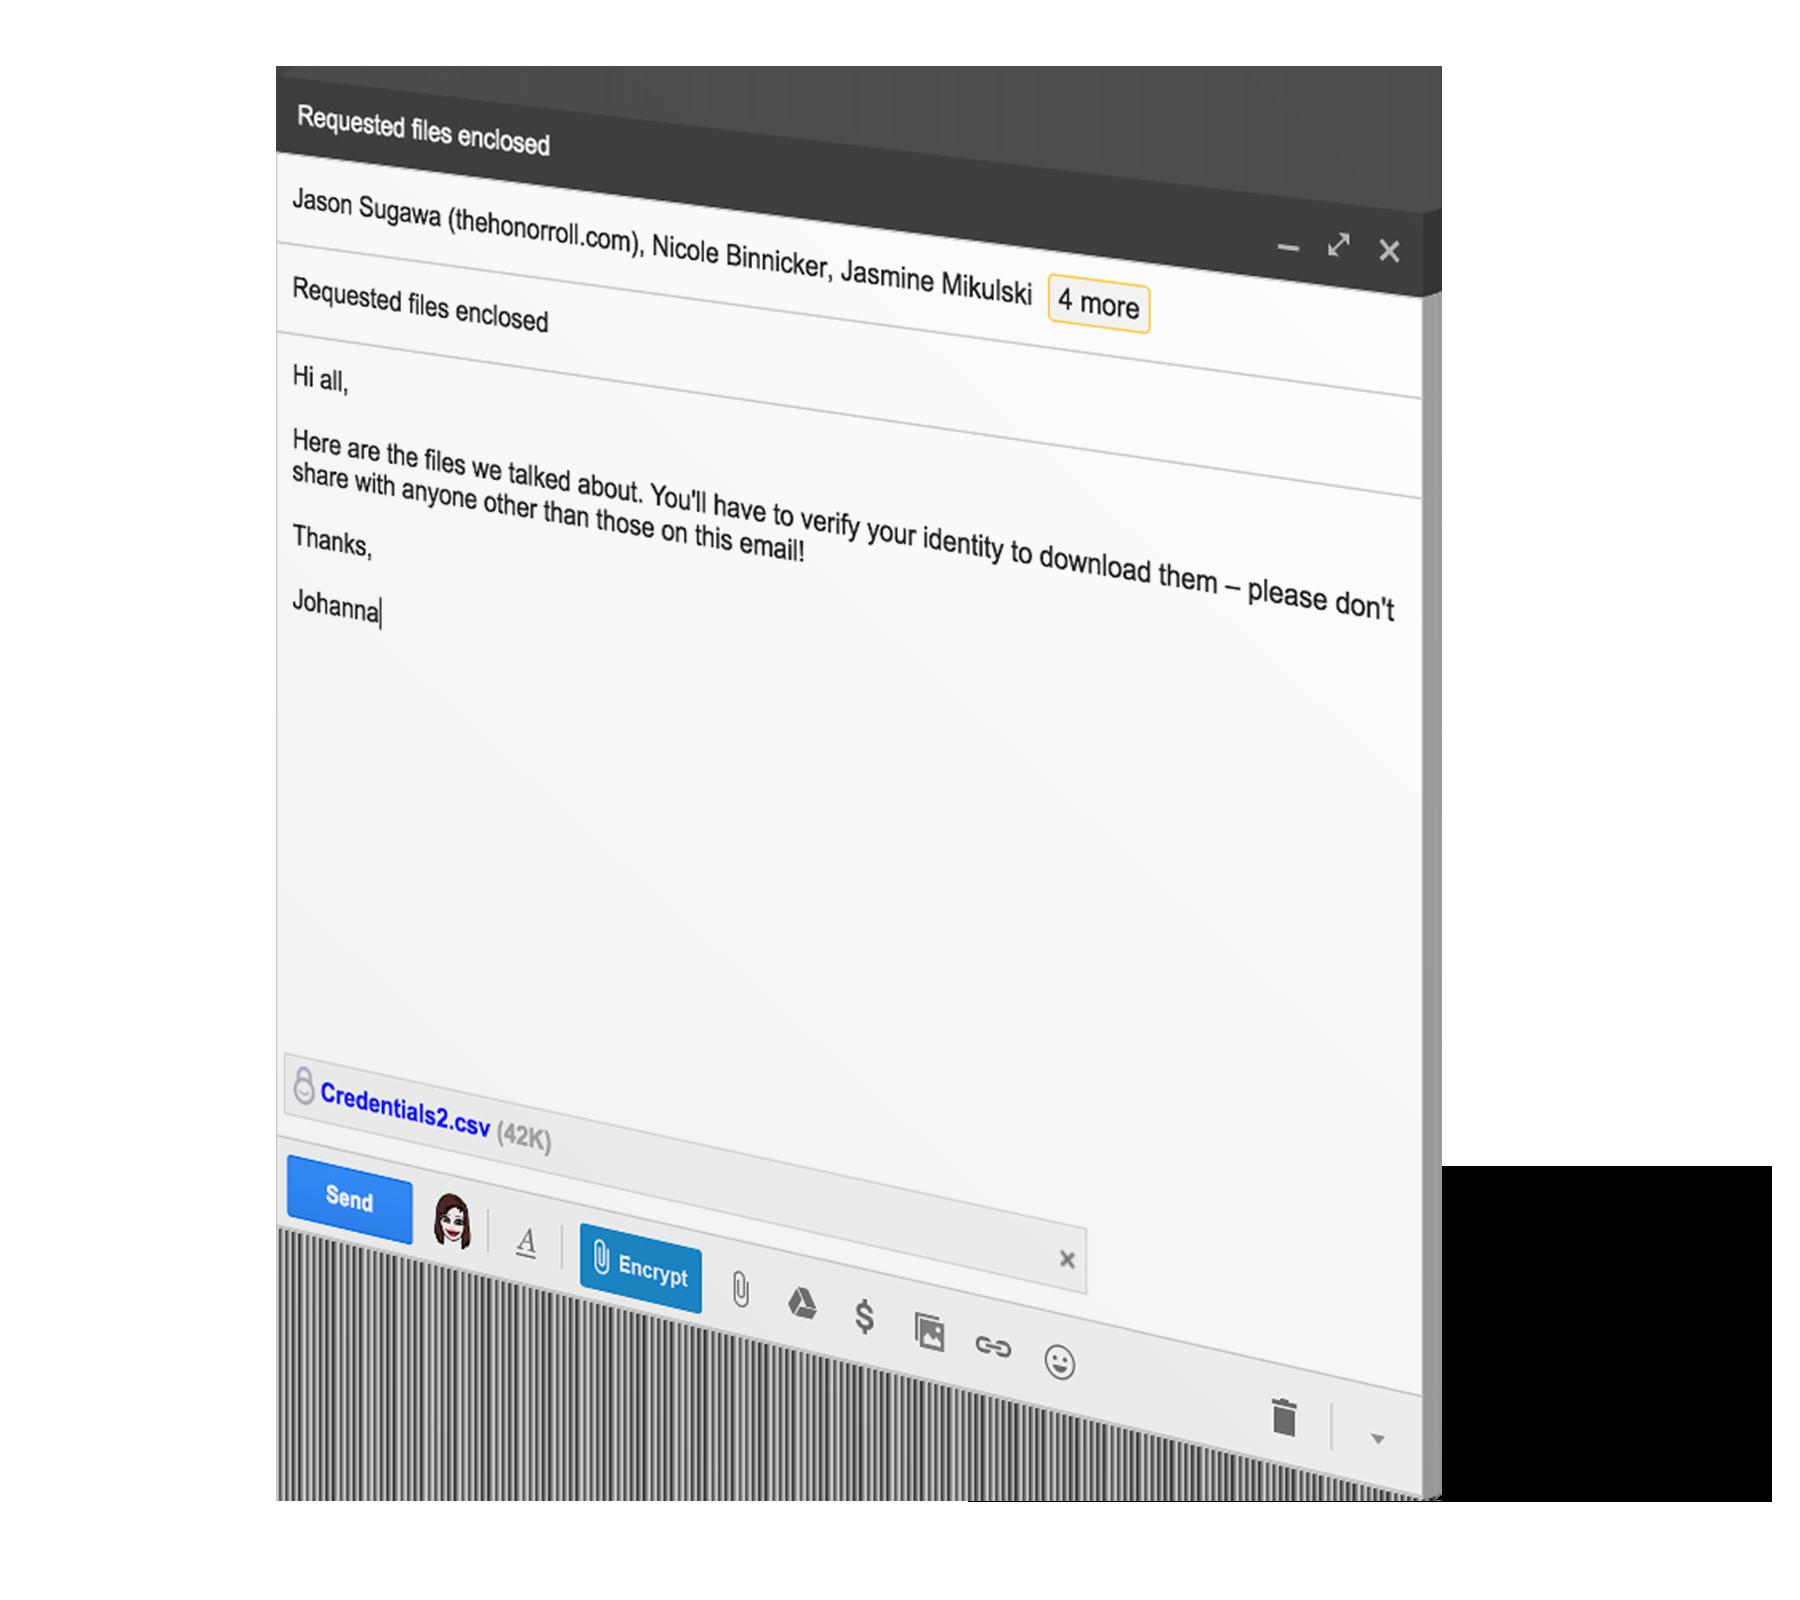 teamsecrets-gmailimages-0.png